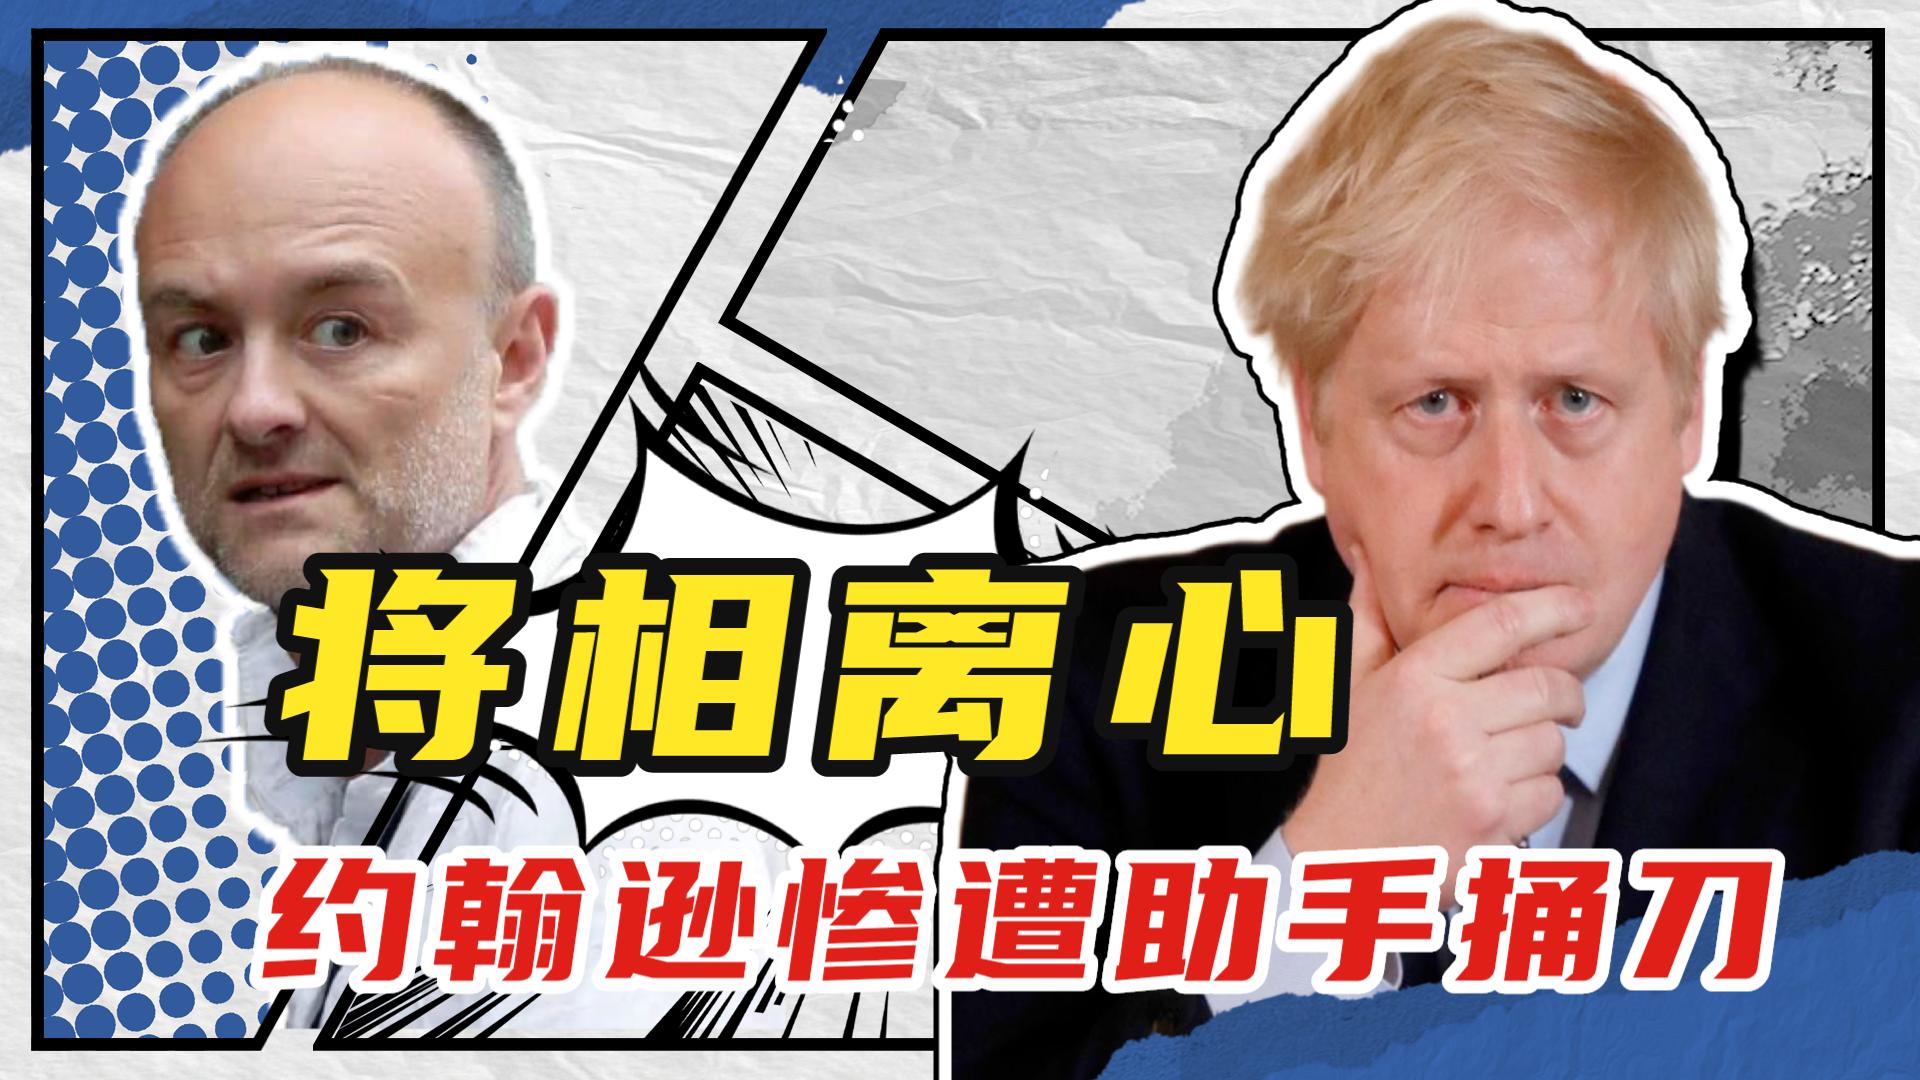 小徐叨不叨3 约翰逊被昔日助手痛斥7小时 英国抗疫计划都是谎言?